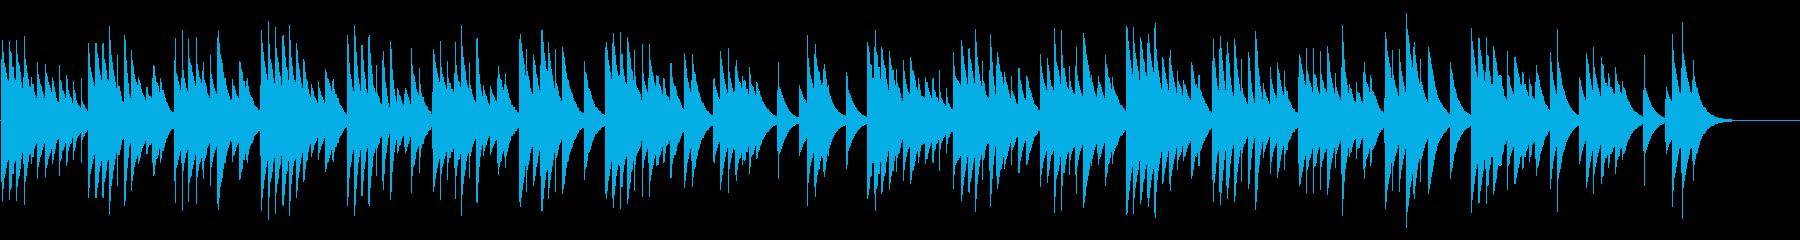 モーツァルトの子守唄 カード式オルゴールの再生済みの波形